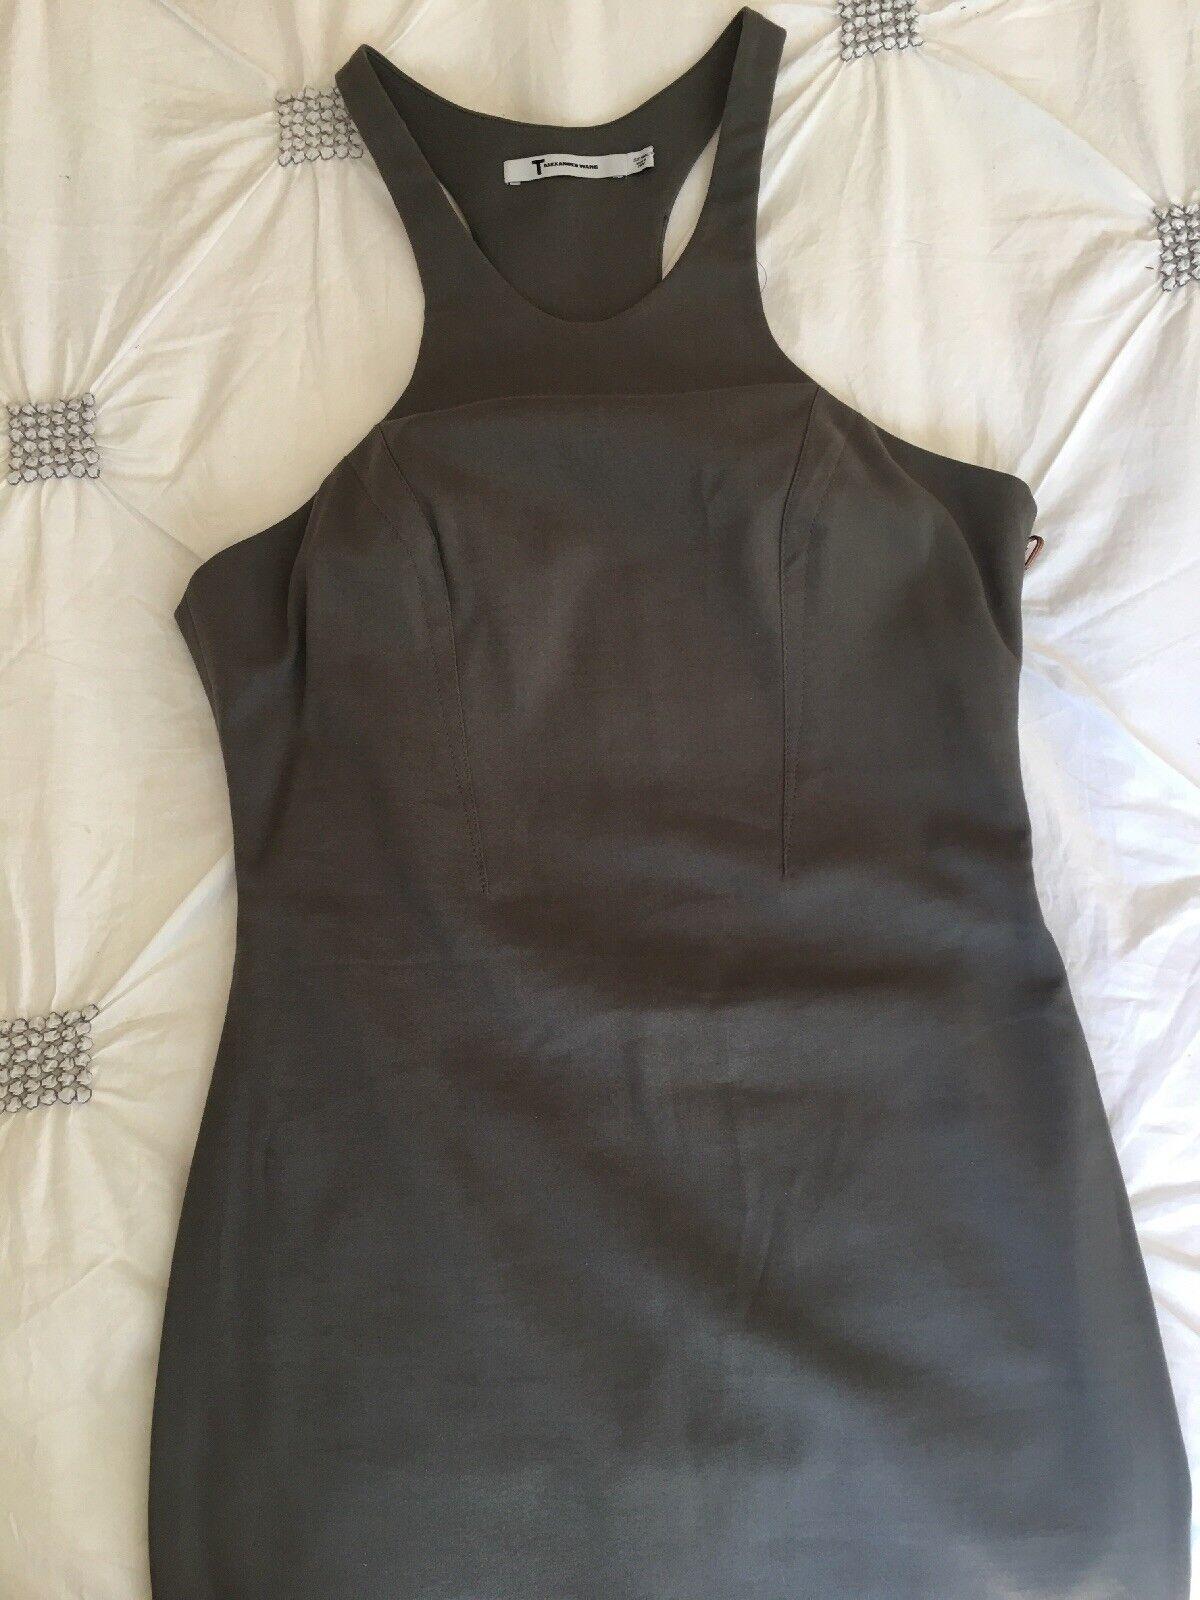 T by alexander wang dress in S